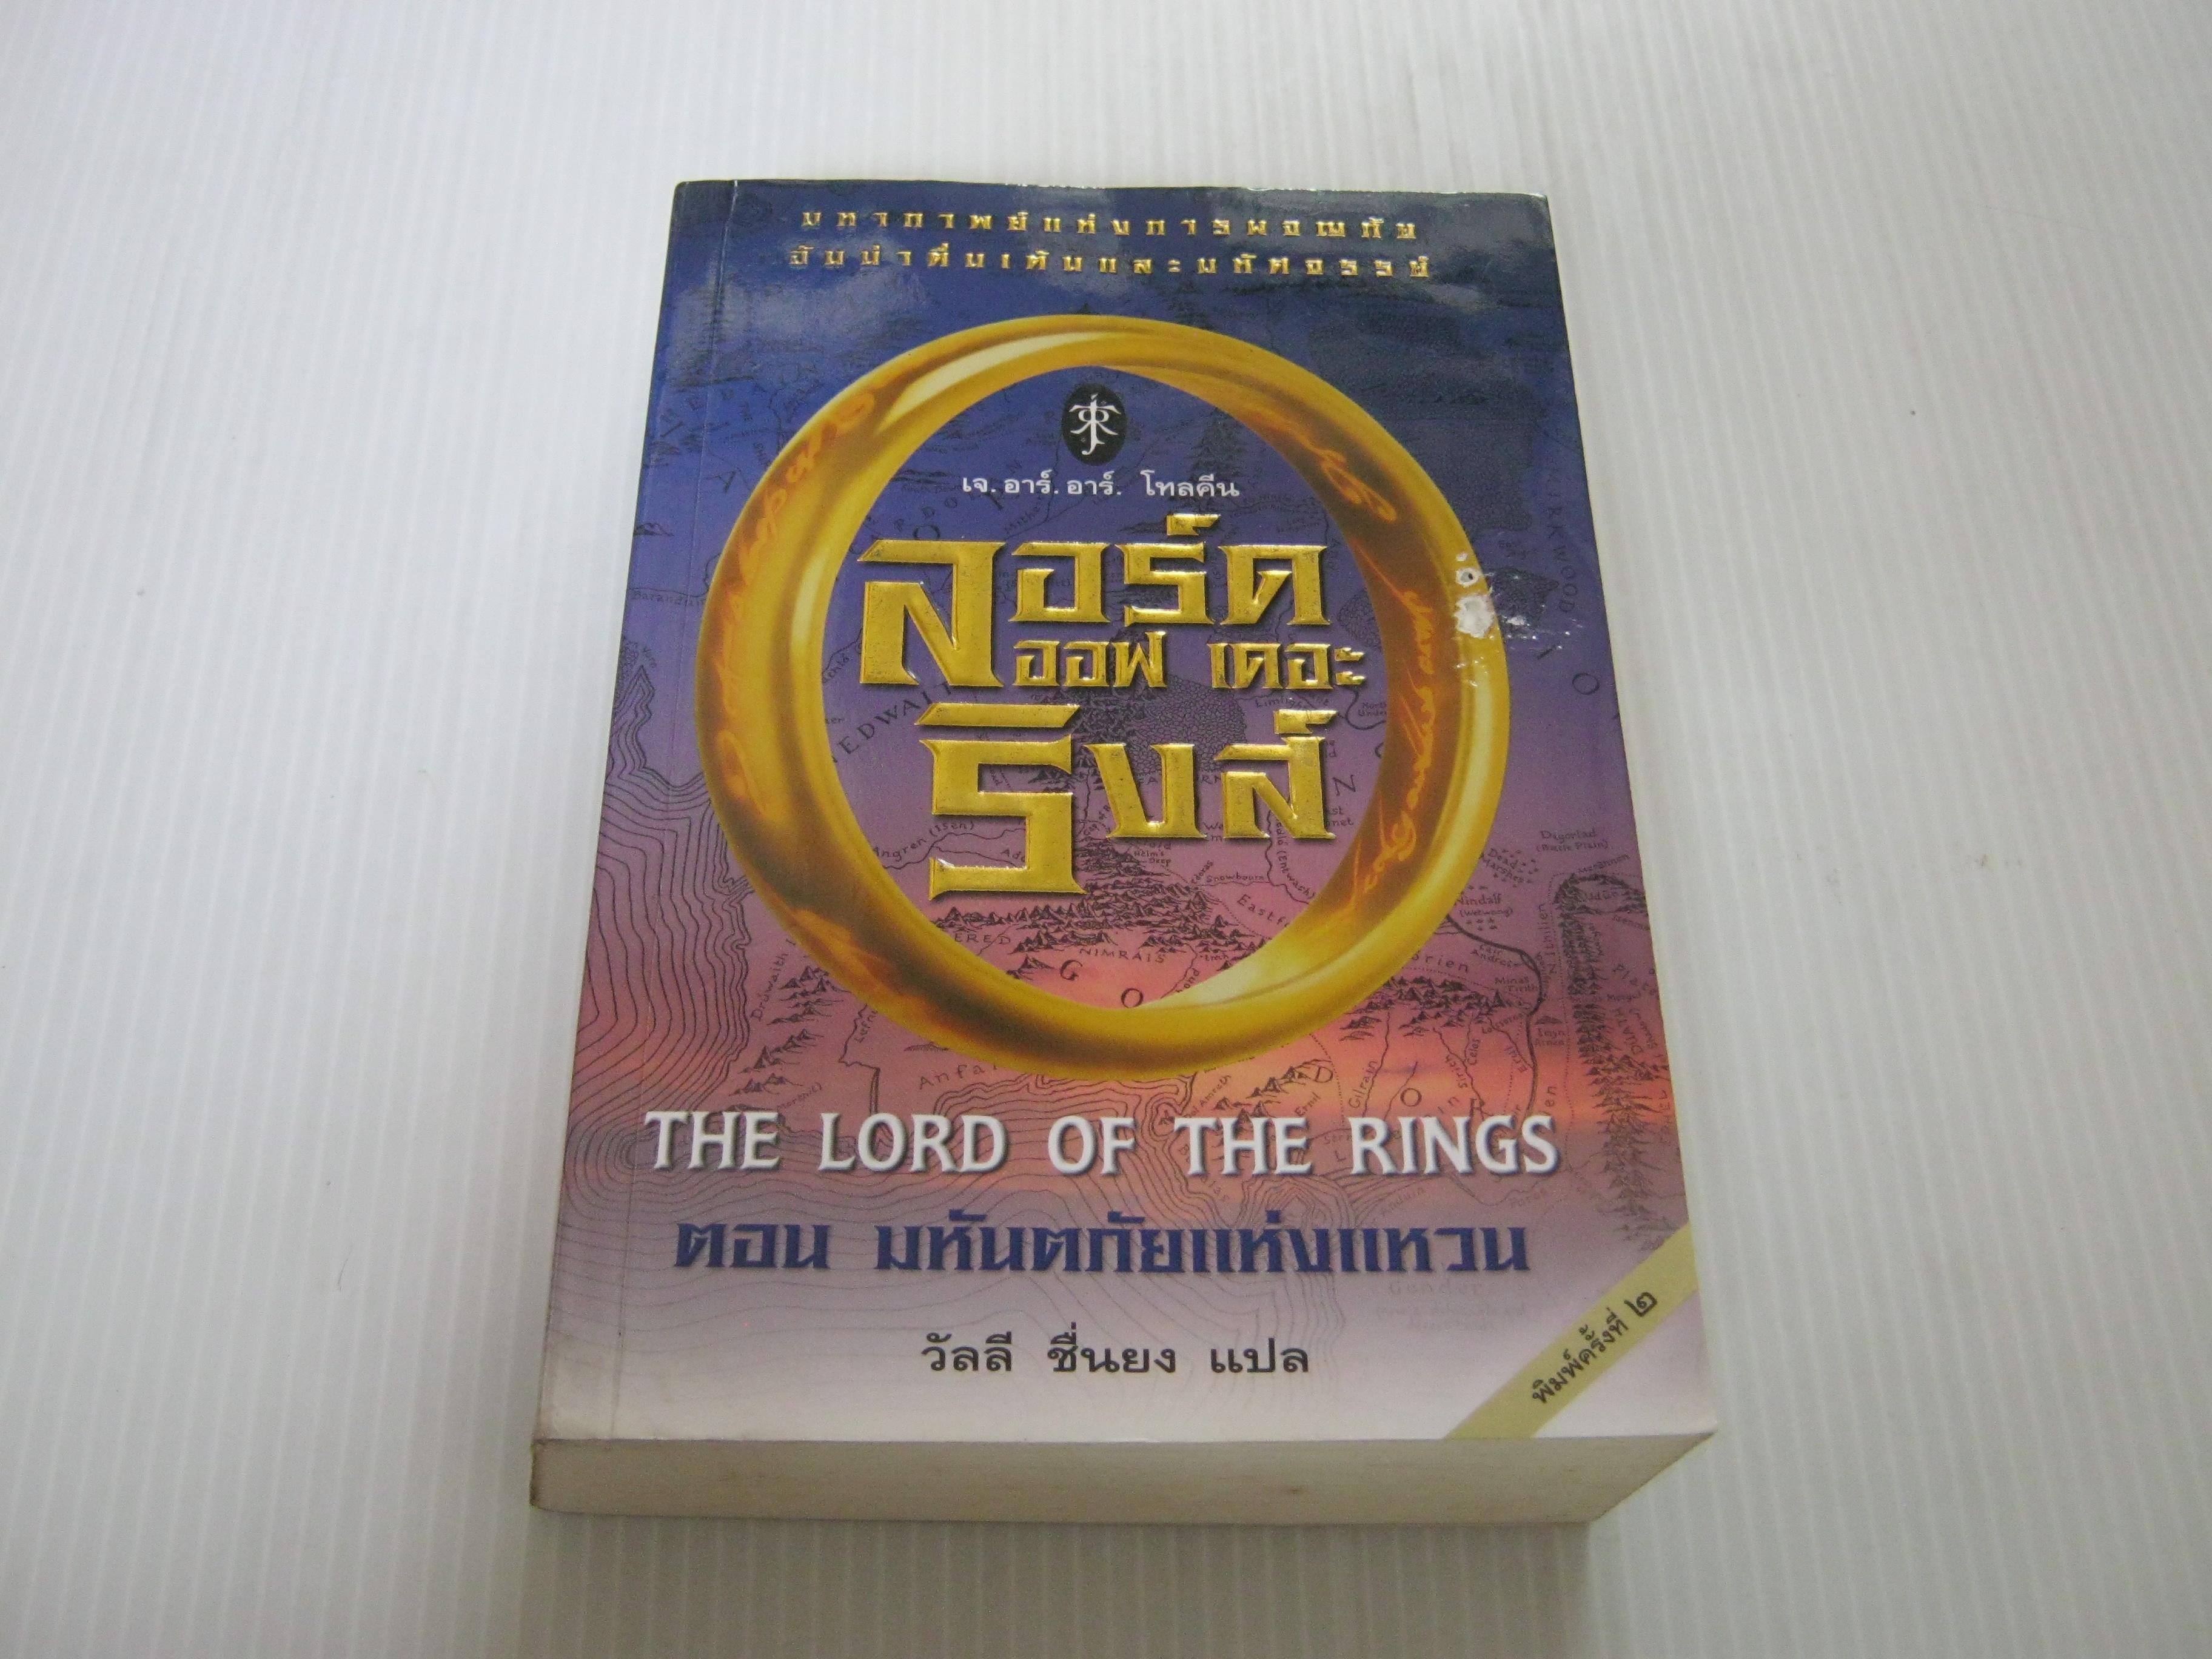 ลอร์ดออฟเดอะริงส์ ตอนที่ 1 มหันตภัยแห่งแหวน (The Lord of The Rings The Followship of the Ring) พิมพ์ครั้งที่ 2 เจ.อาร์.อาร์. โทลคีน เขียน วัลลี ชื่นยง แปล